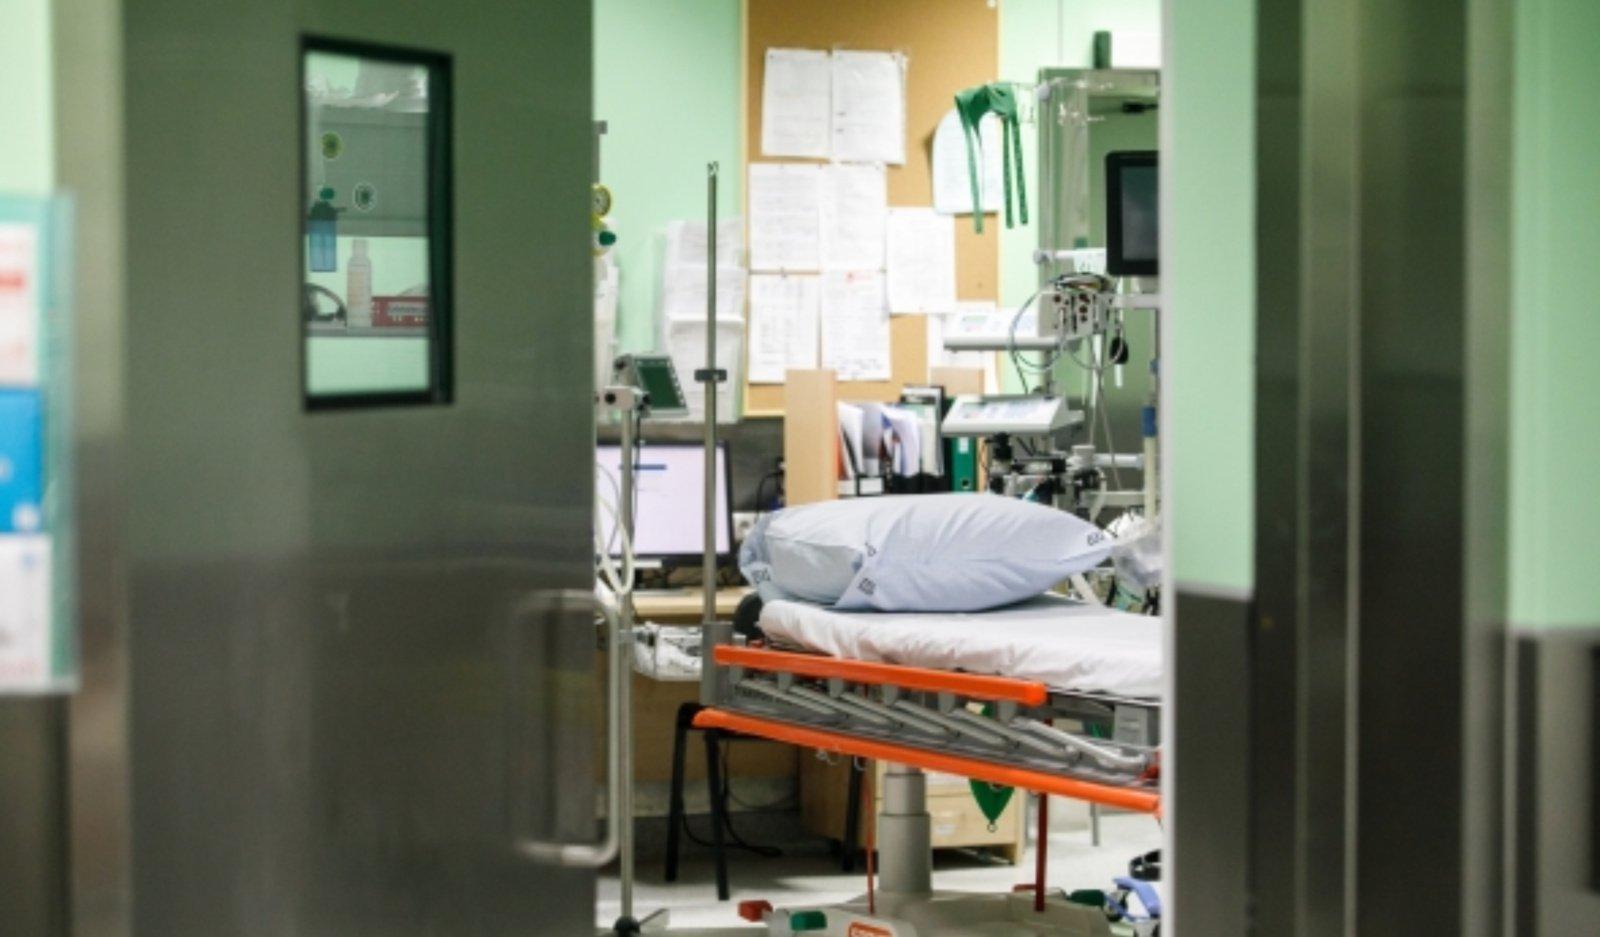 Ligoninėse dėl COVID-19 gydoma 415 žmonių, 35 iš jų – reanimacijoje